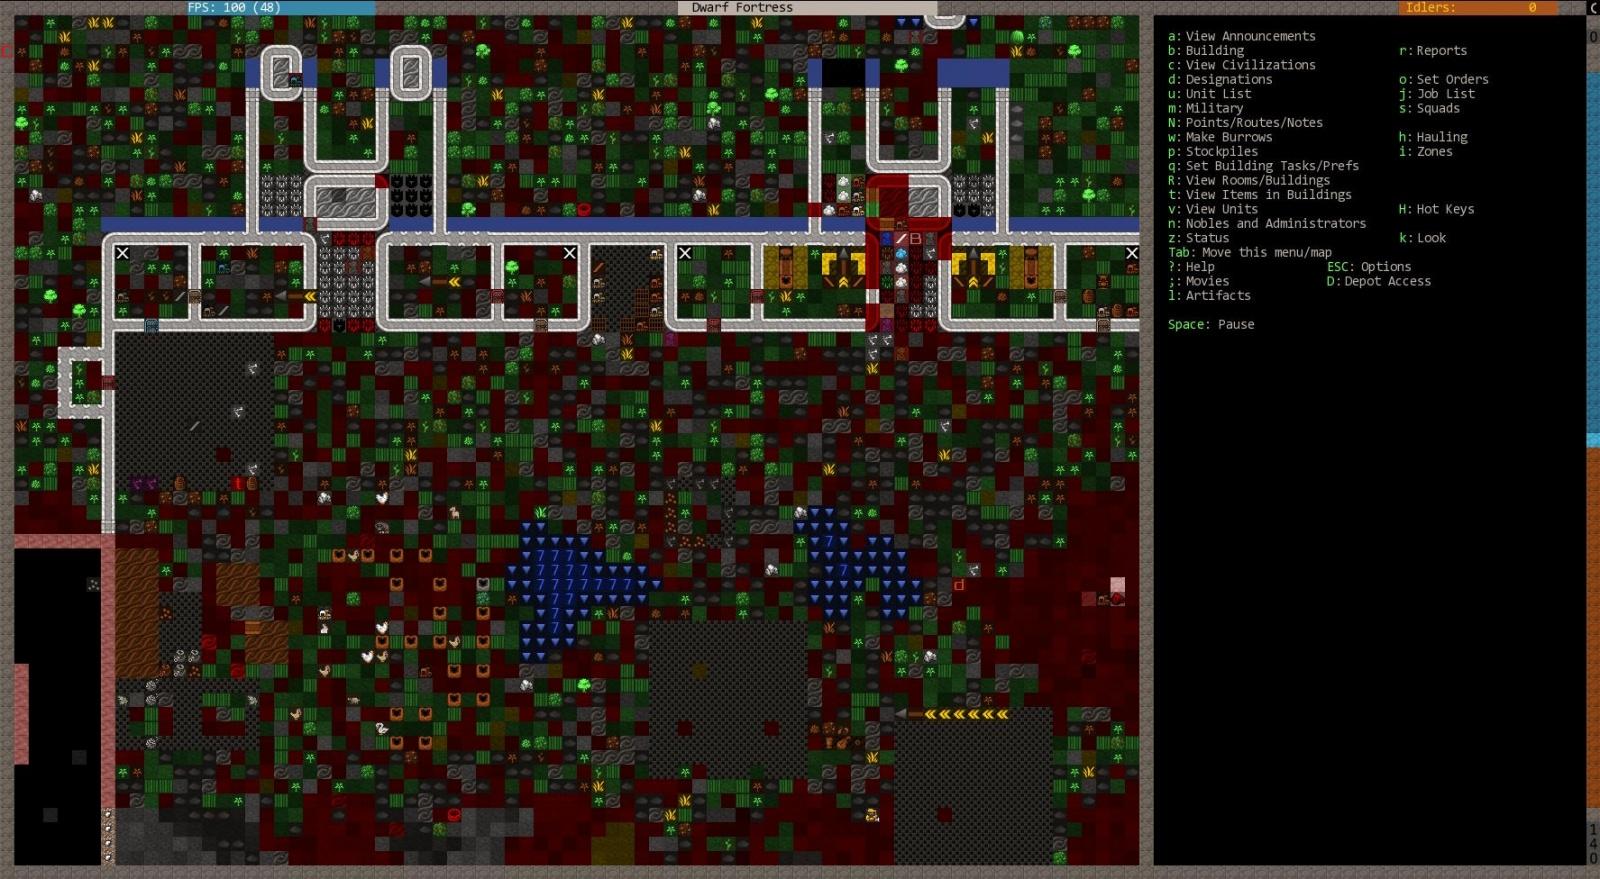 Почему во время apt-get upgrade запускается игра Dwarf Fortress? - 1